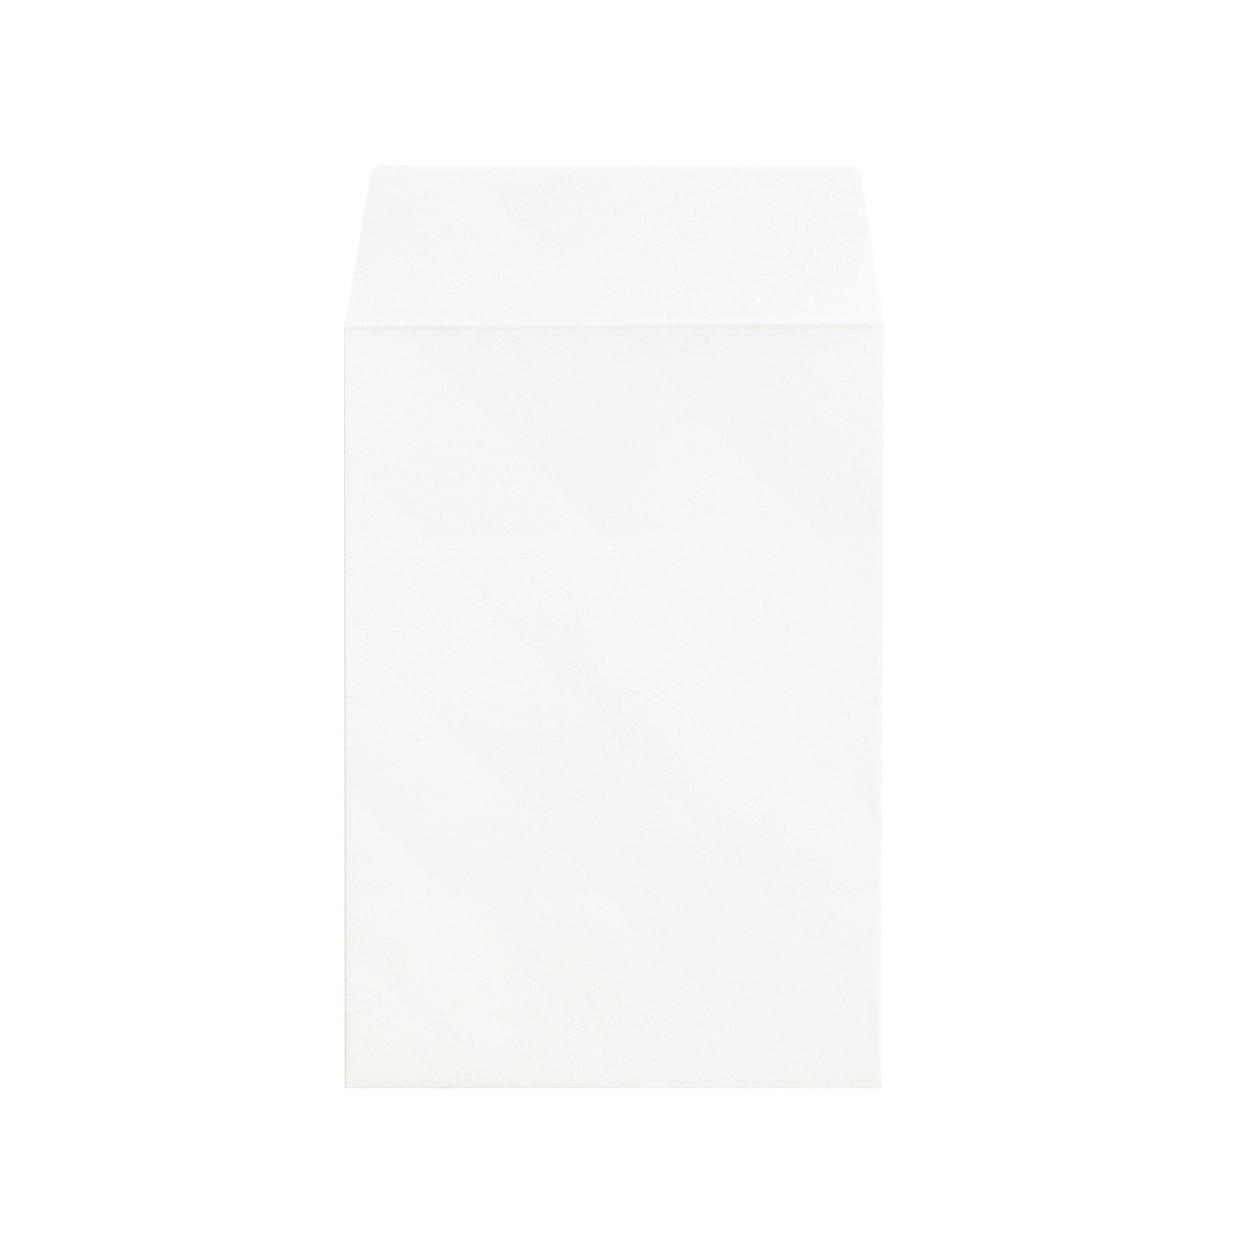 洋2タテ封筒 コットン スノーホワイト 116.3g